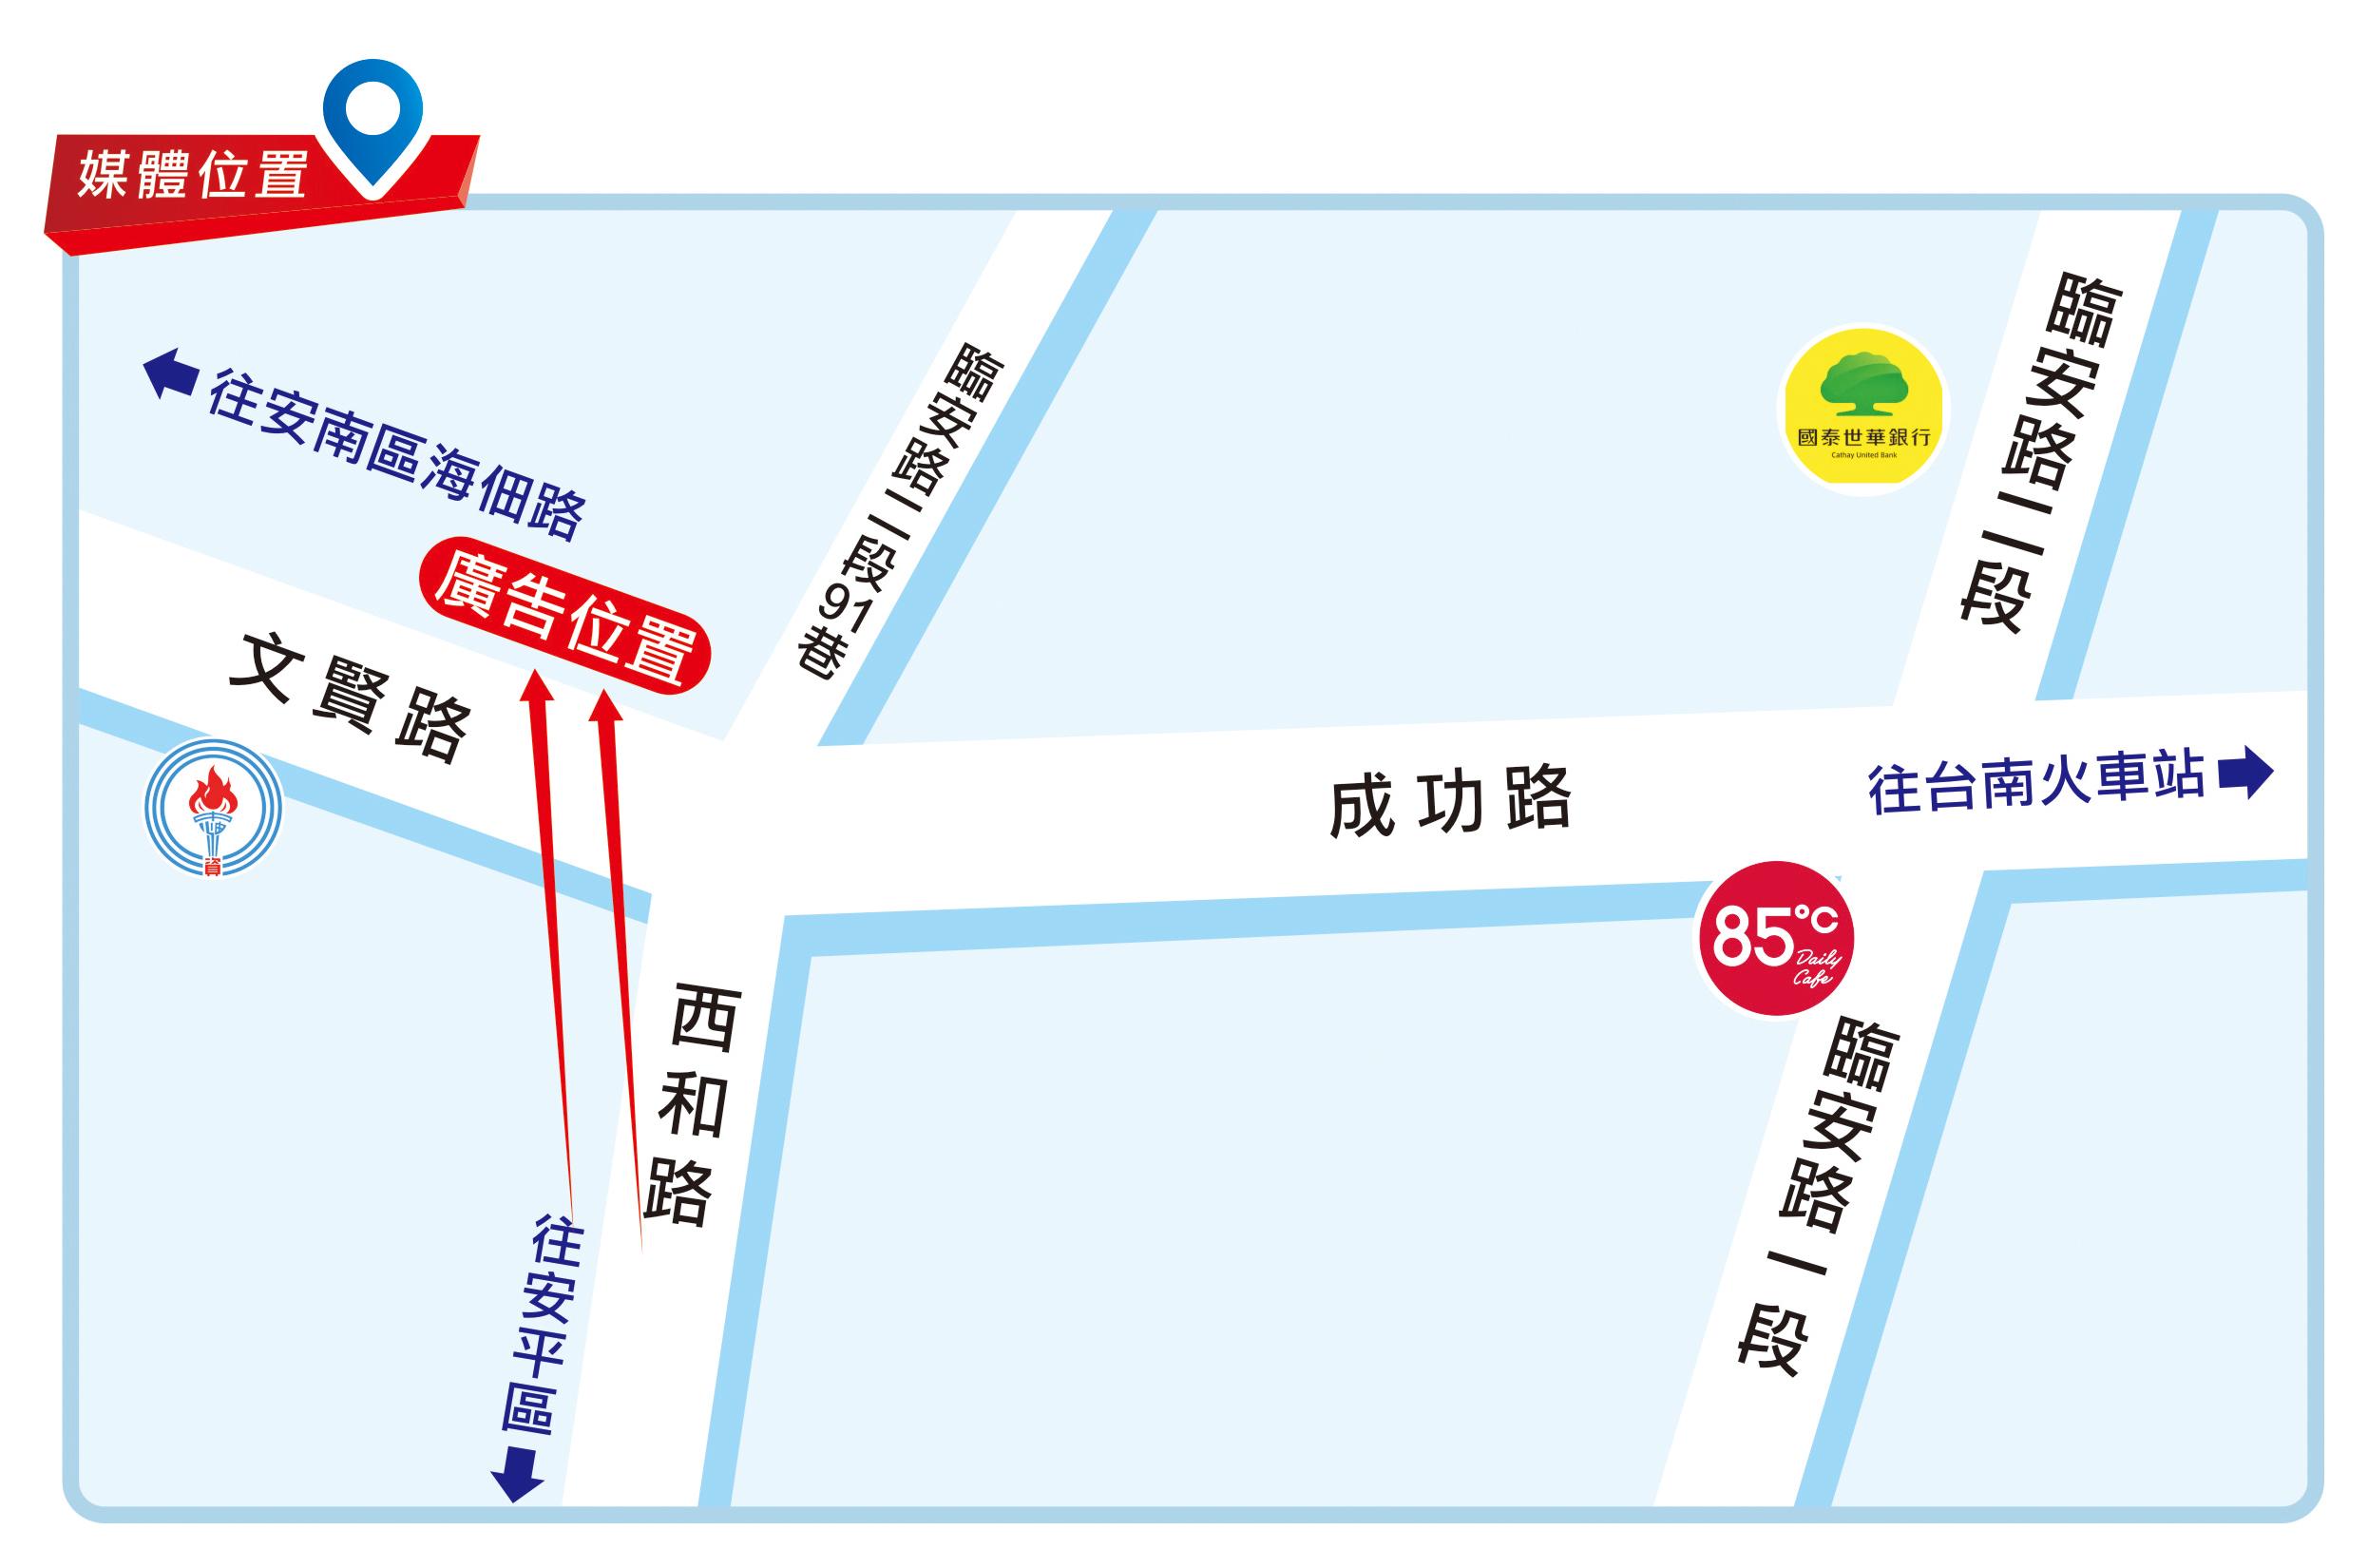 N-0800A-文賢路小吃街商圈、銜接安南區、北區、安平區之重要路段